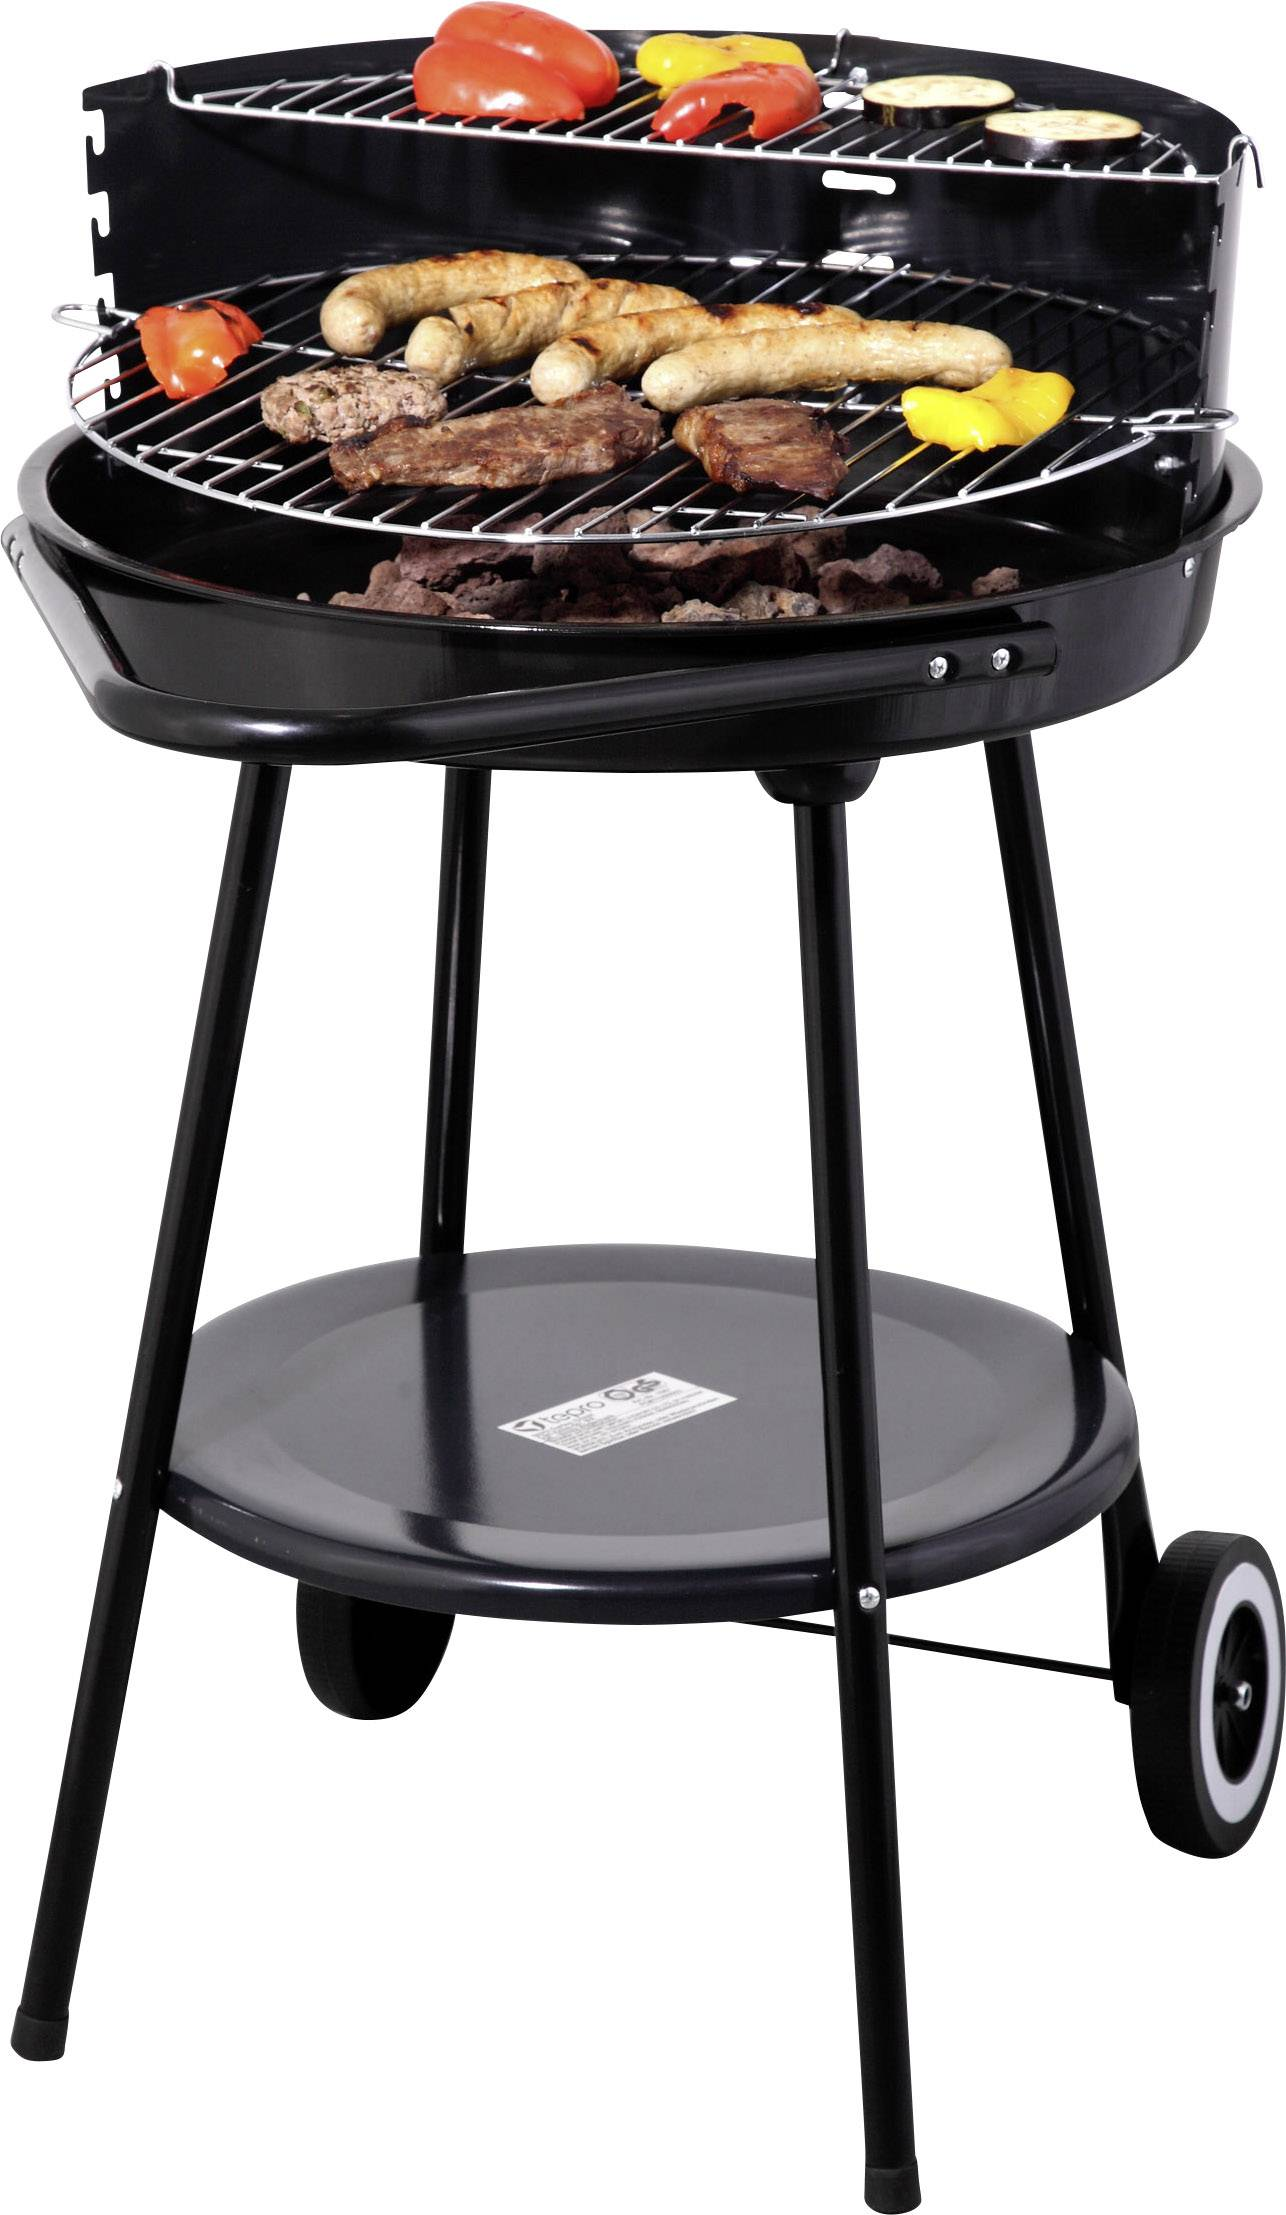 weber grill holzkohle weber grill weber goanywhere black. Black Bedroom Furniture Sets. Home Design Ideas